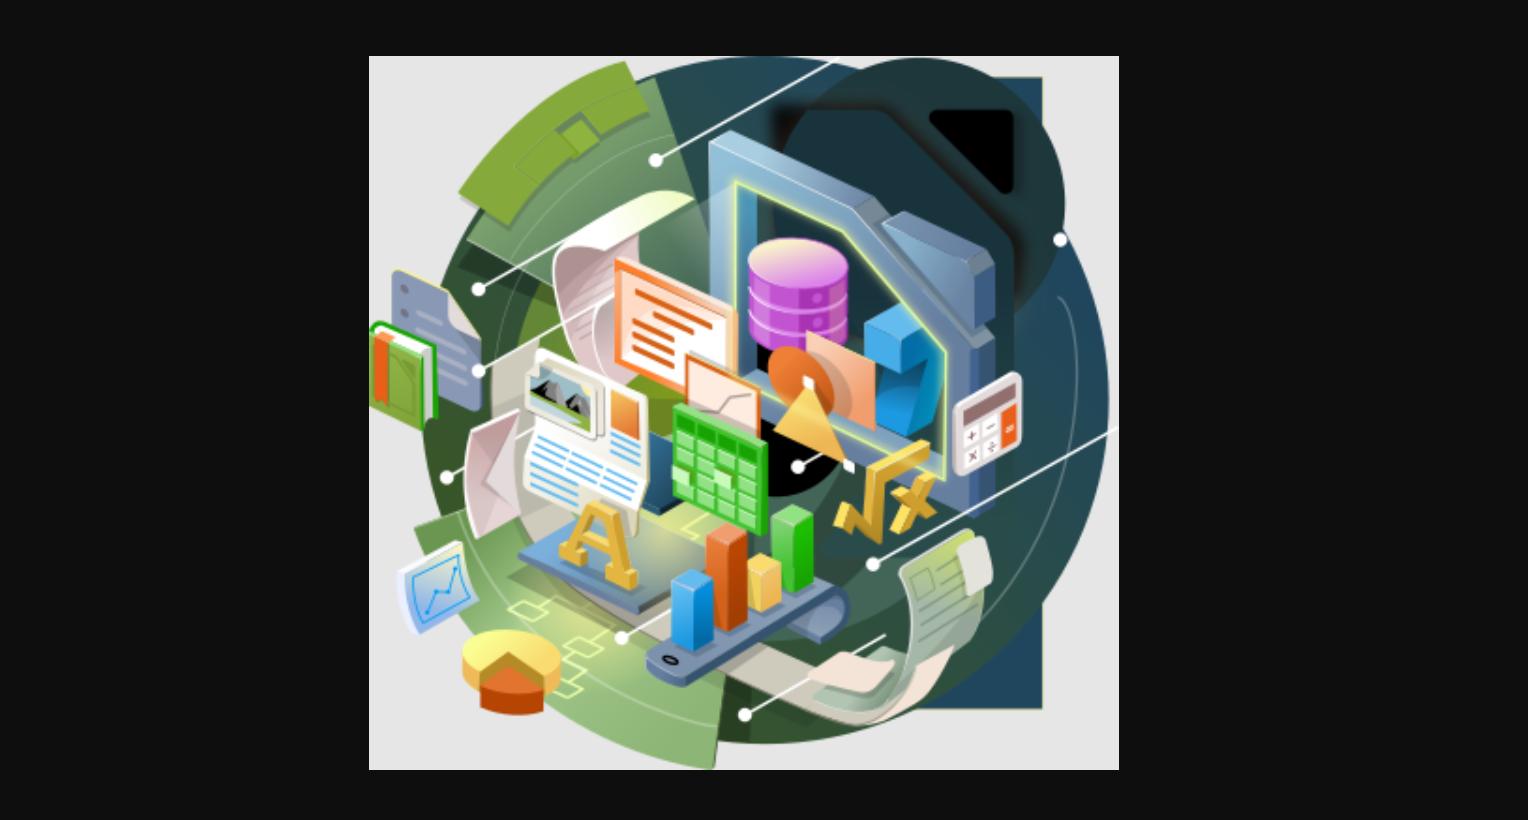 LibreOffice 7.1.4 aprimora compatibilidade com MS Office e chega com 79 correções de bugs